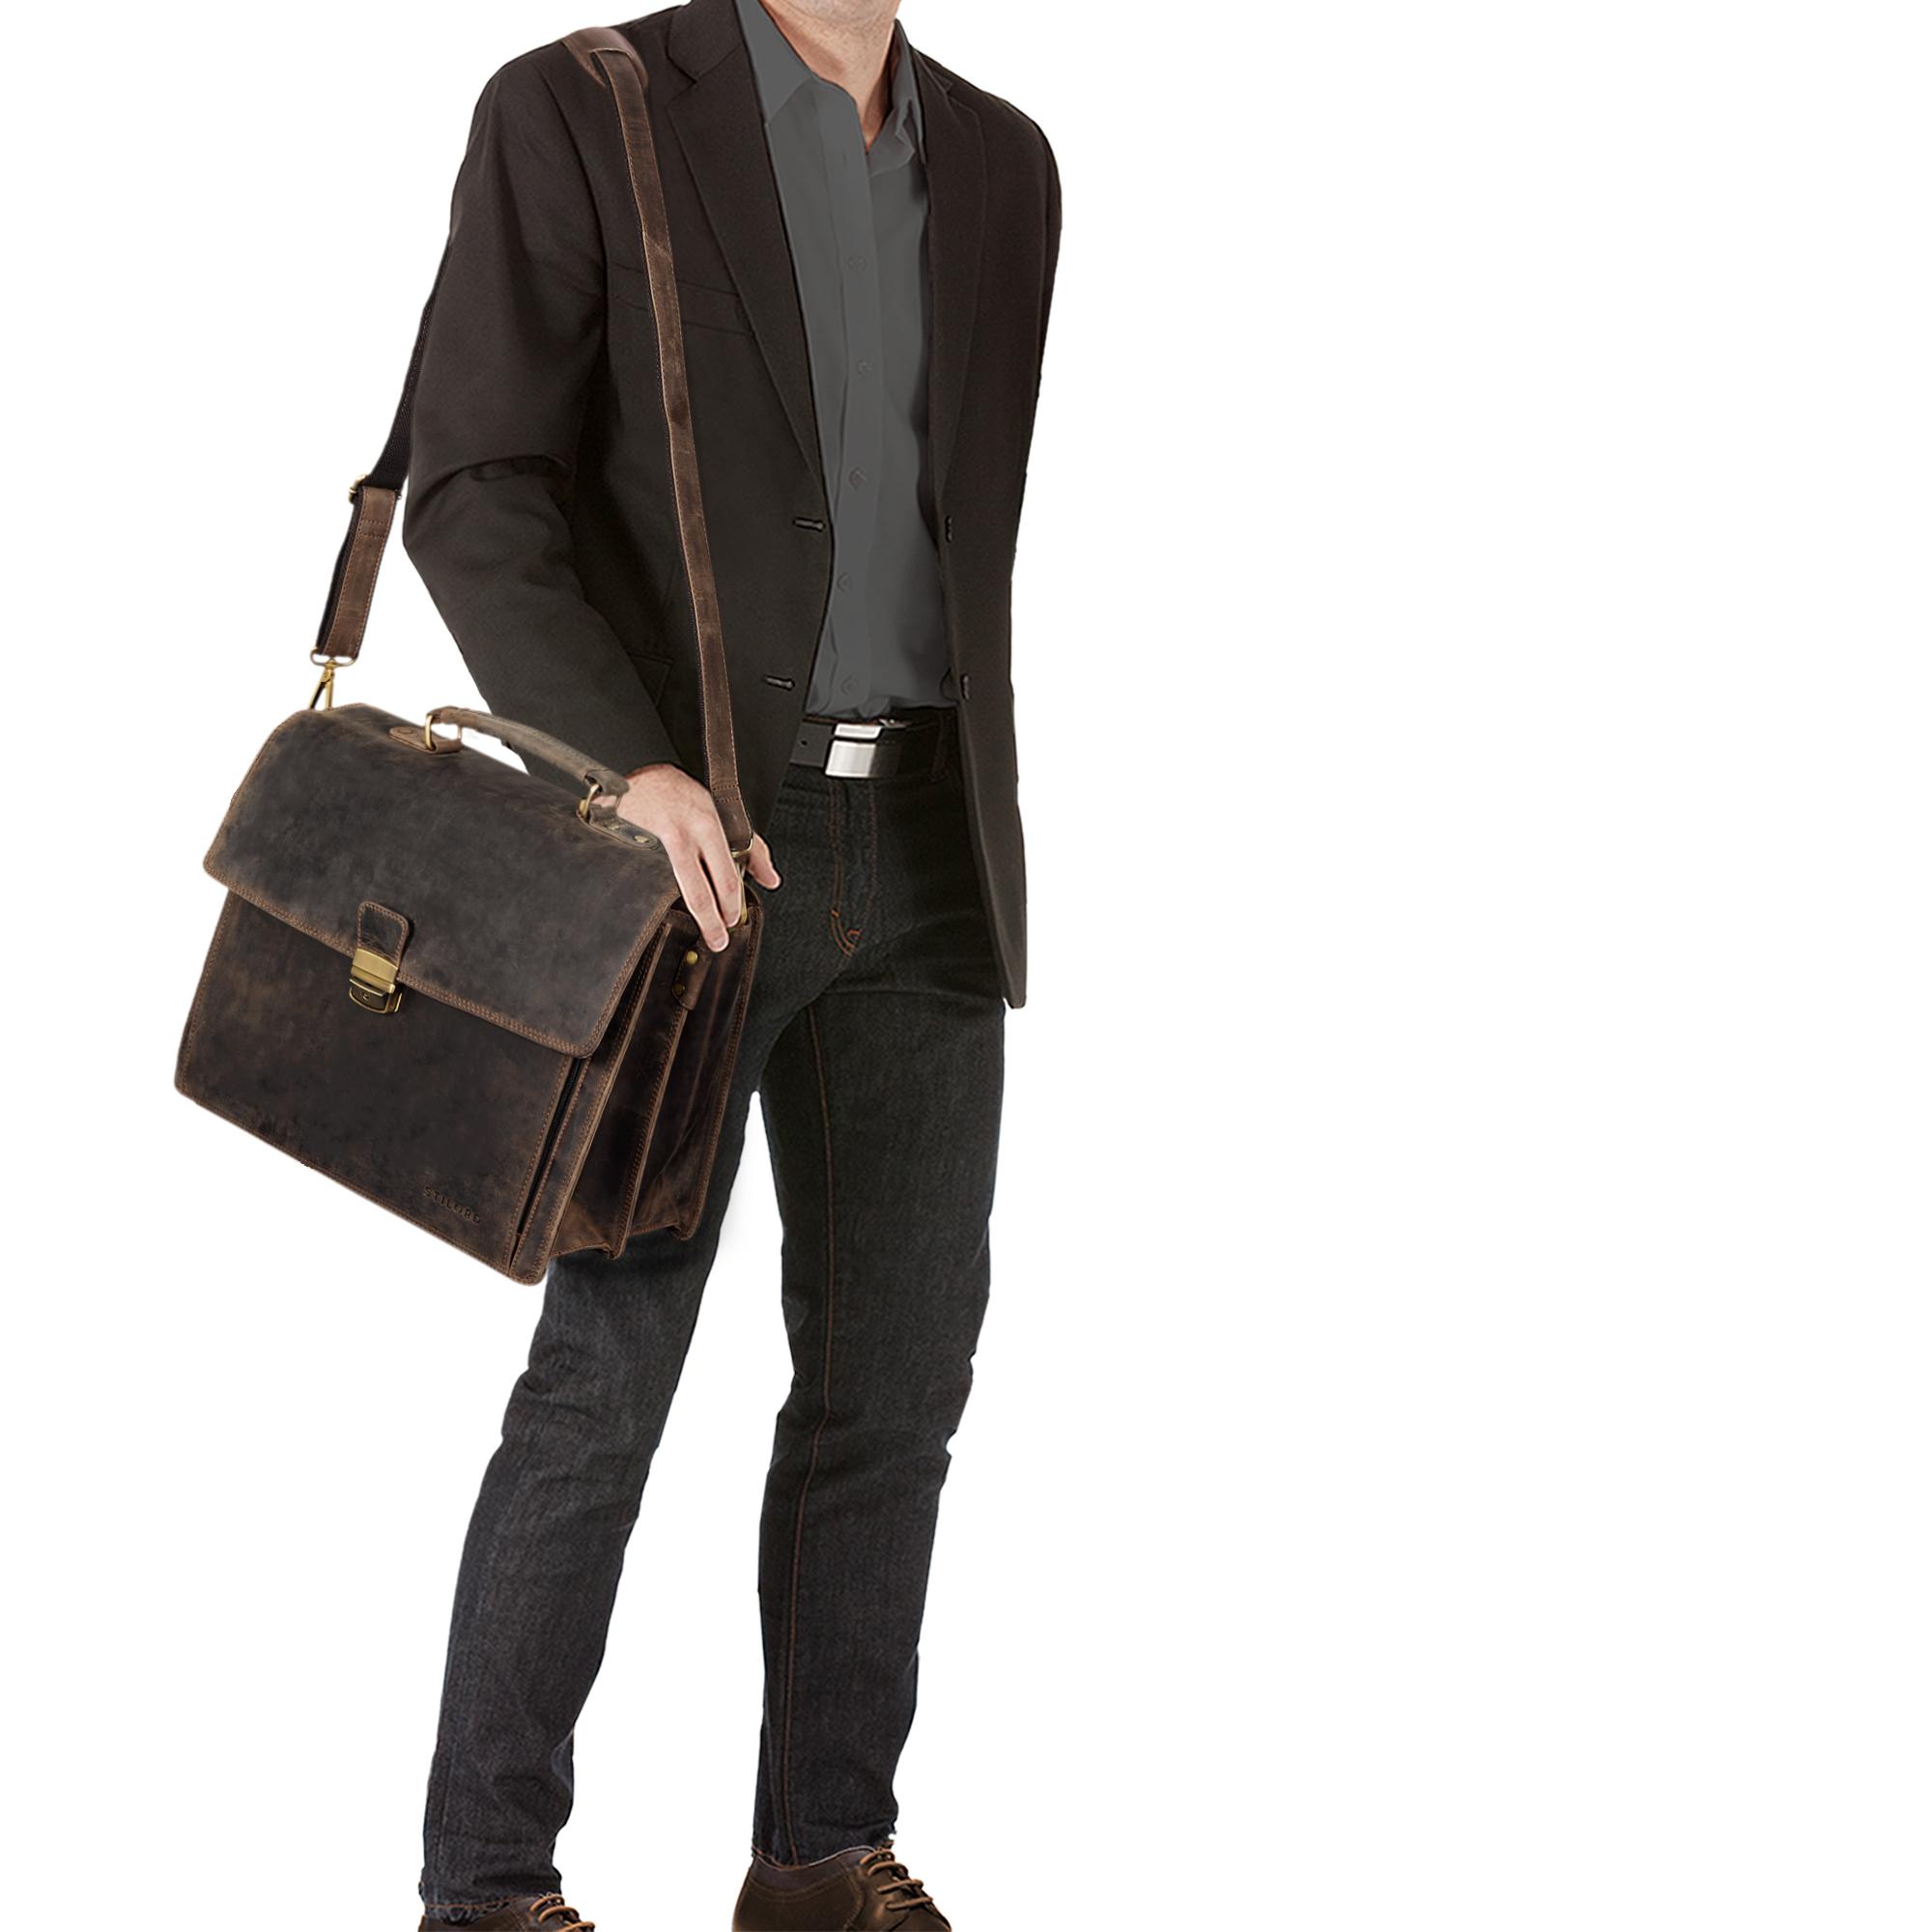 """STILORD """"Noel"""" Aktentasche Leder Herren Vintage groß klassische Arbeitstasche Bürotasche Umhängetasche Dokumententasche mit Laptopfach 13,3 Zoll und Trolleyschlaufe - Bild 12"""